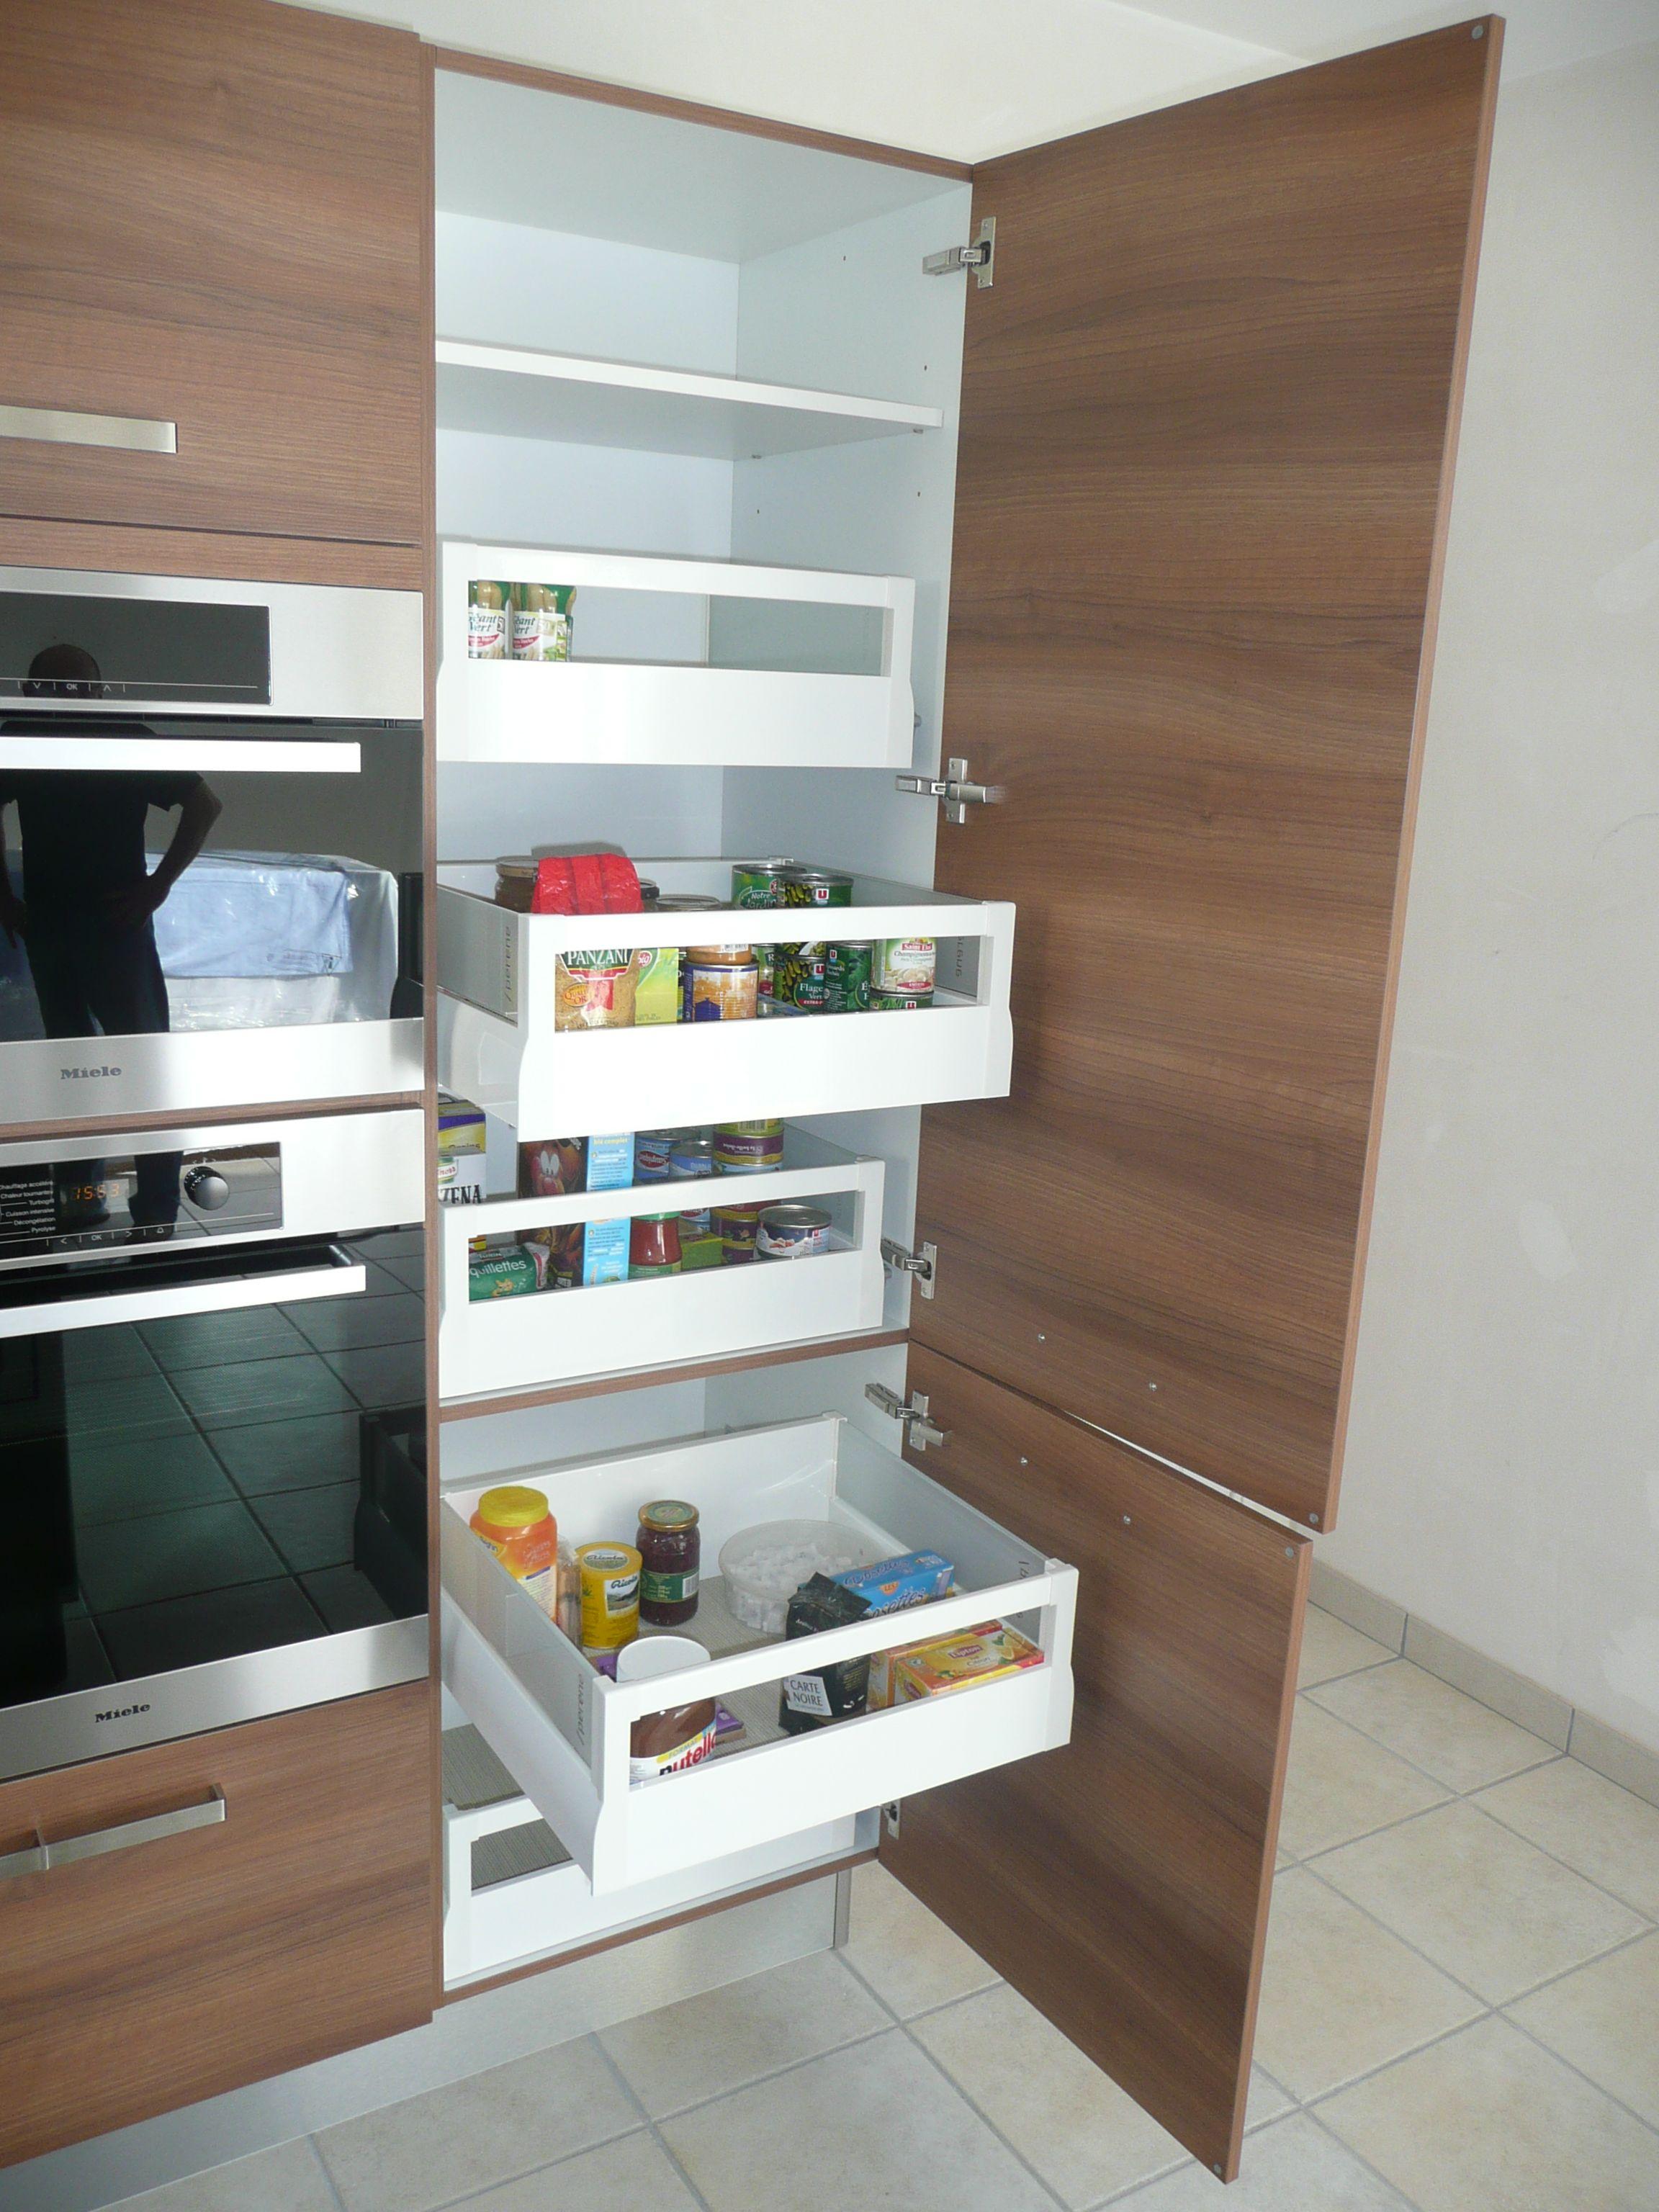 tiroirs coulissants pour rangement de l 39 alimentaire dans un meuble colonne de cuisine. Black Bedroom Furniture Sets. Home Design Ideas